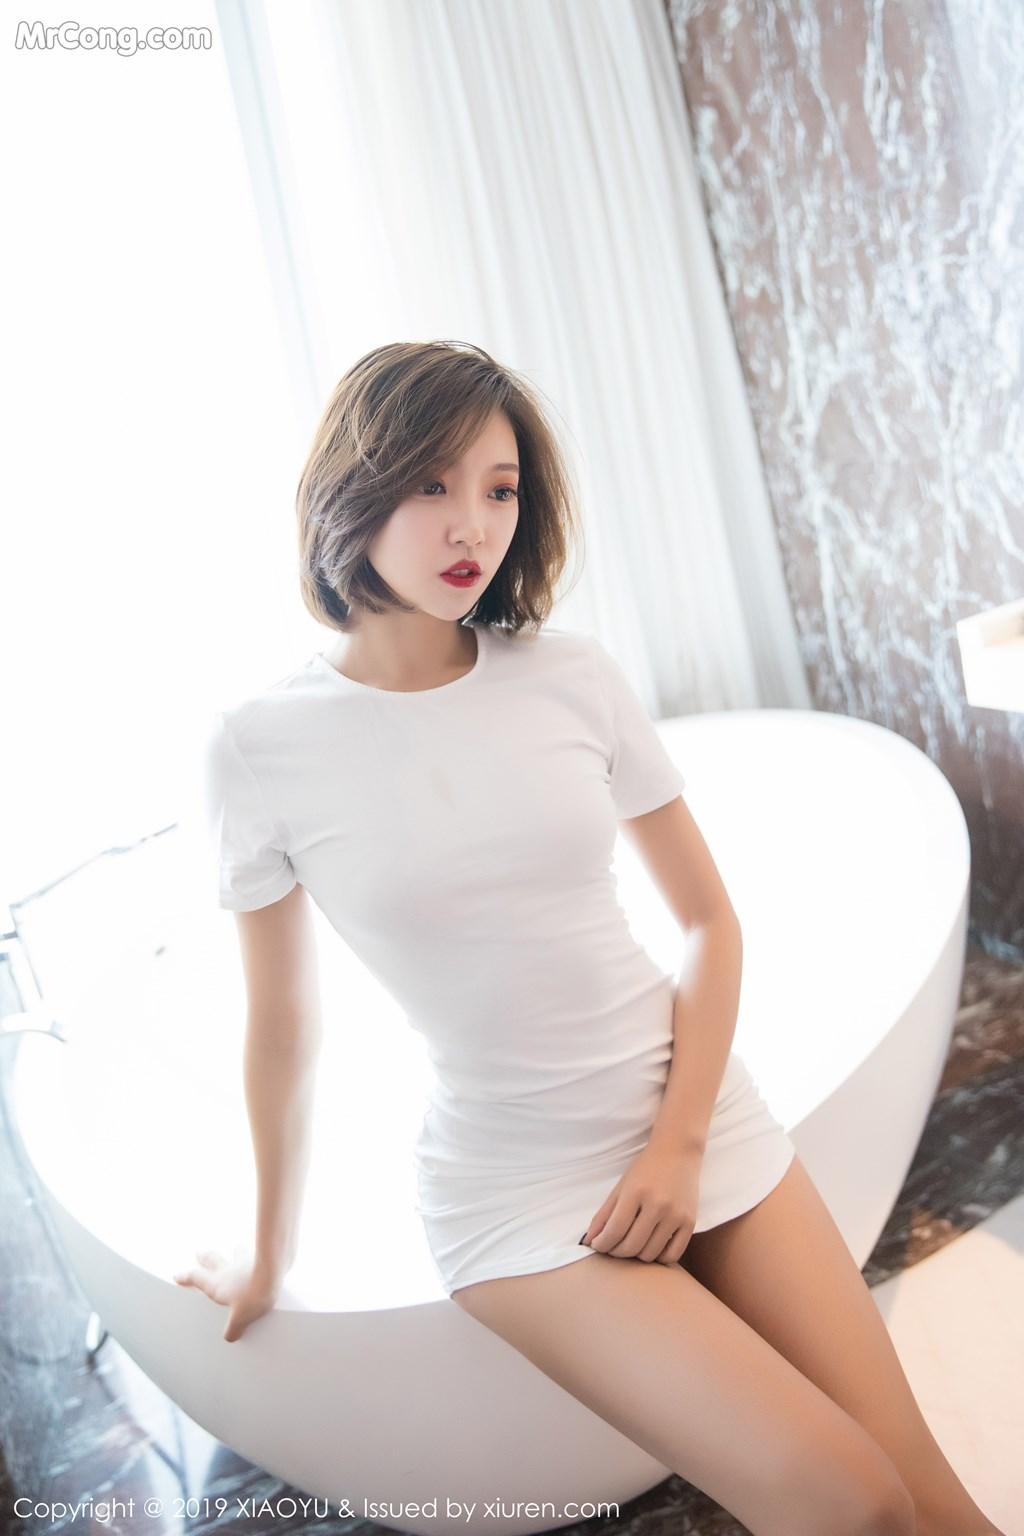 Image XiaoYu-Vol.039-LRIS-Feng-Mu-Mu-MrCong.com-010 in post XiaoYu Vol.039: LRIS (冯木木) (61 ảnh)